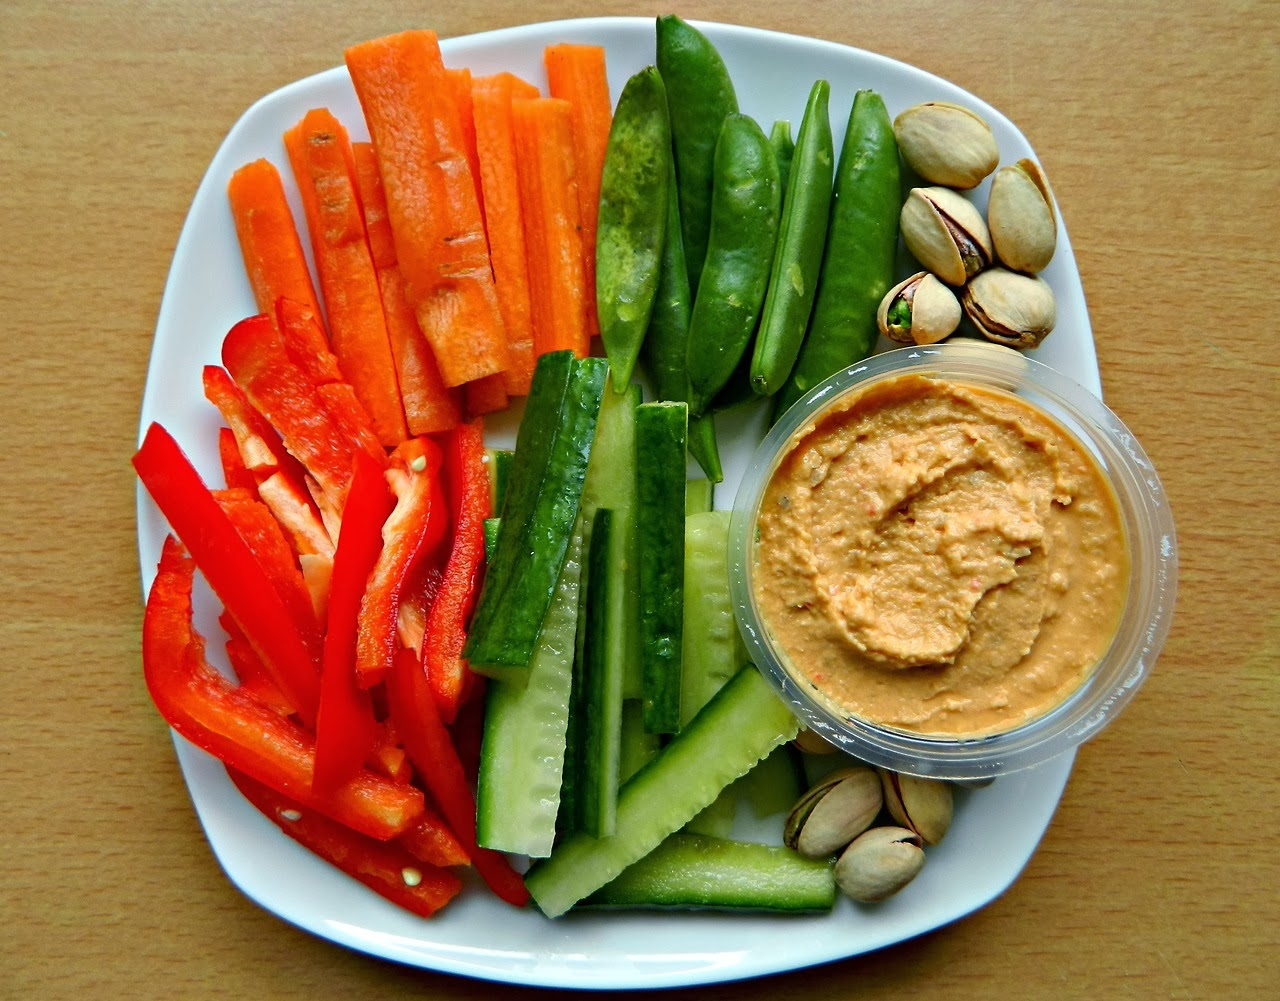 Comidas y dietas comida para bajar de peso rapido - Comida sana y facil para adelgazar ...